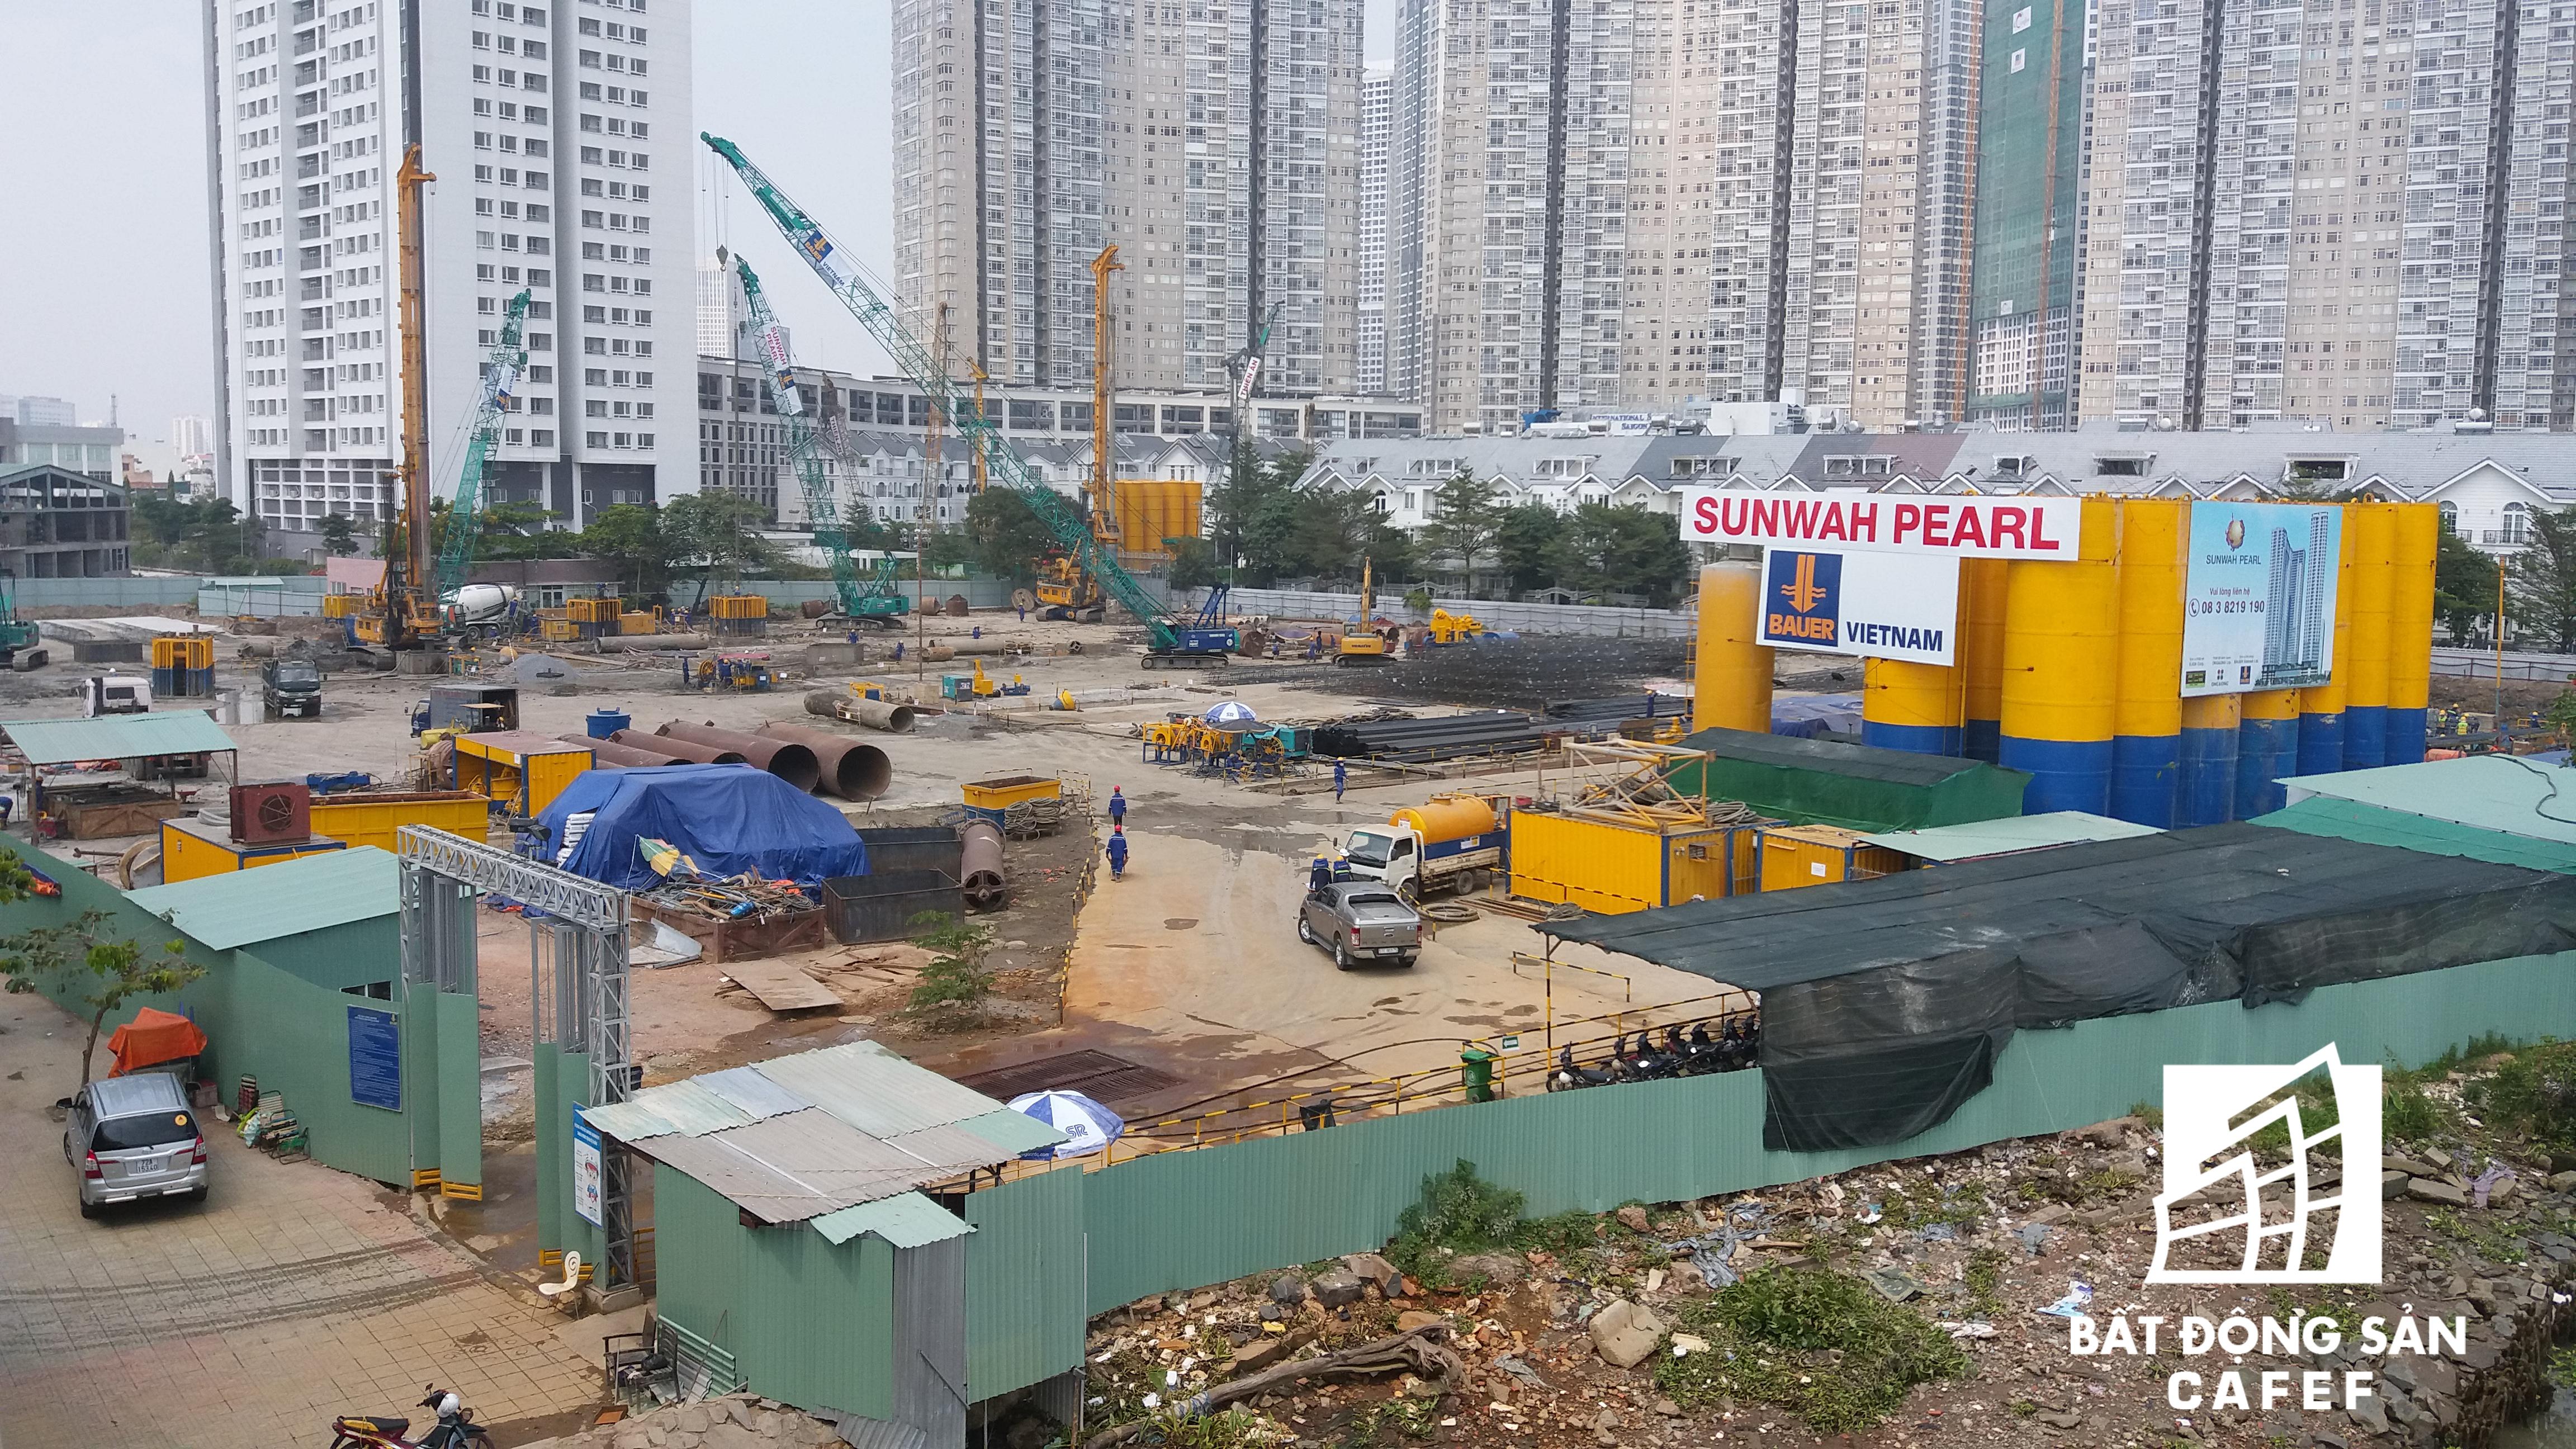 Sun Wah Pearl là một trong loạt dự án mới đang trong quá trình xây dựng móng hầm.